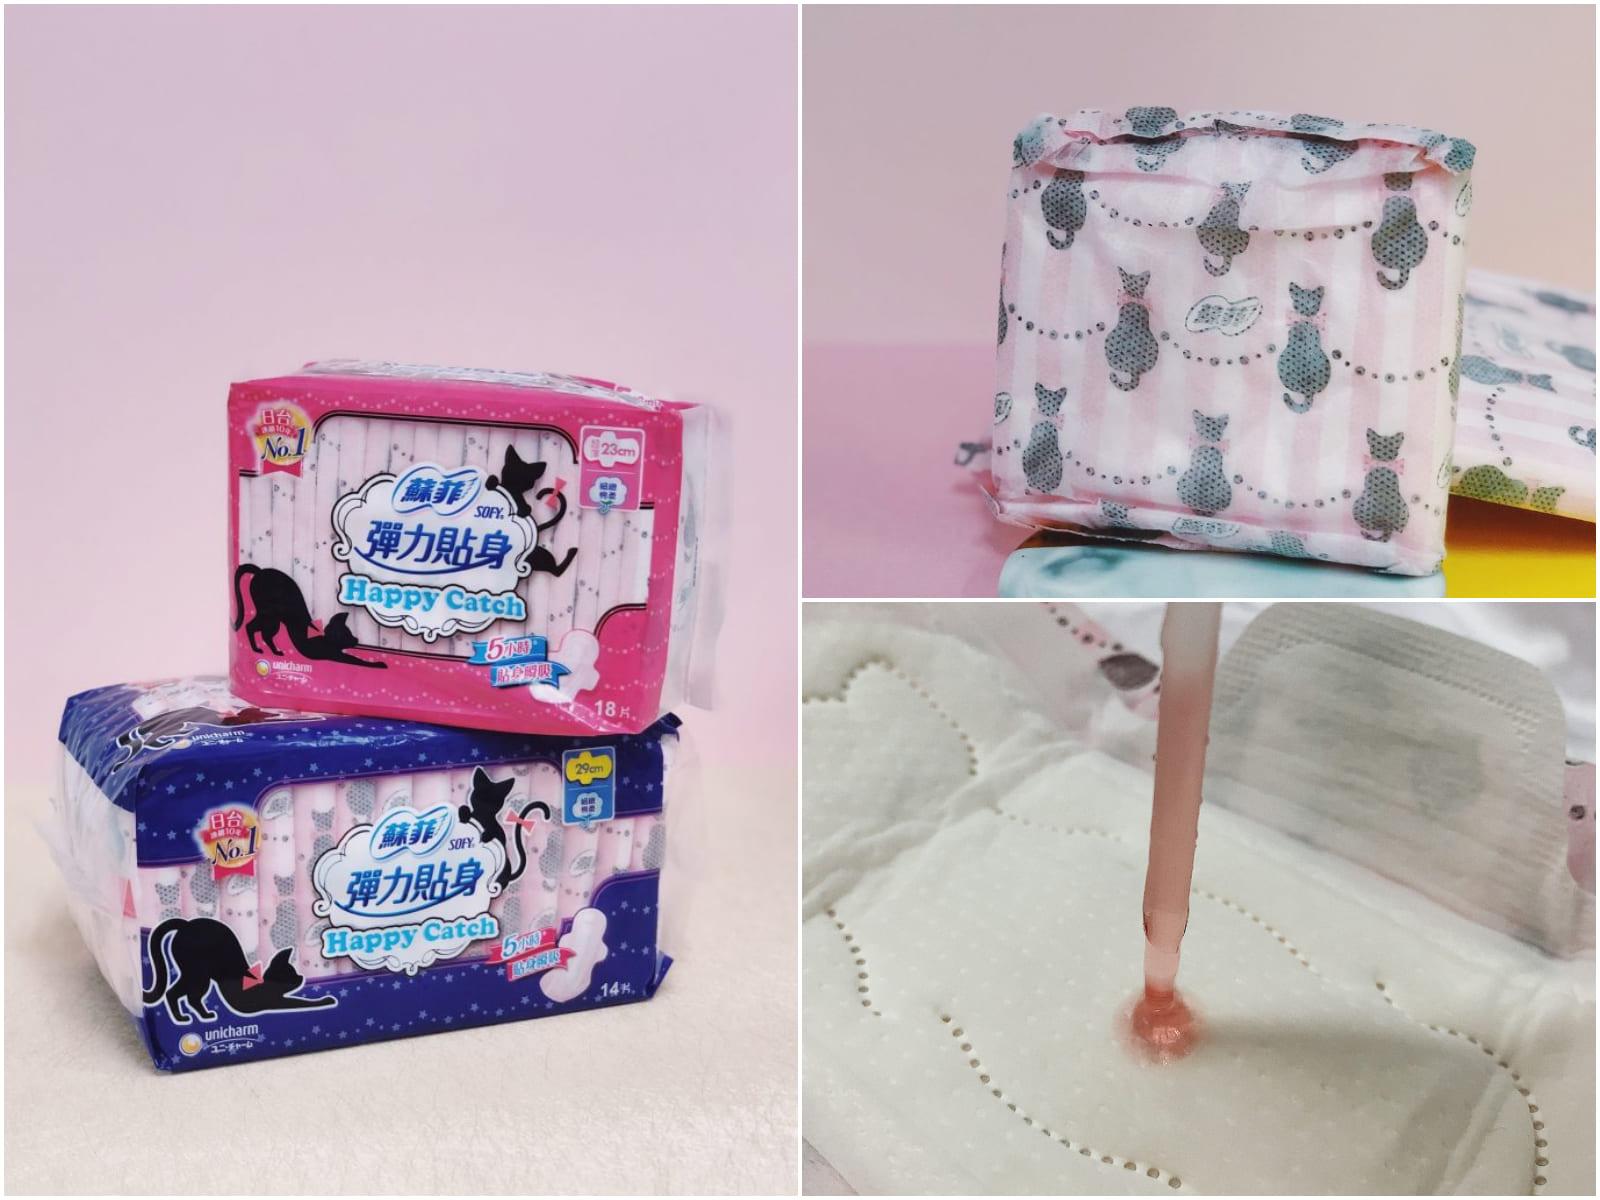 衛生棉品牌推薦|蘇菲彈力貼身 Happy Catch 開箱實測,可愛包裝加超強吸力,量多也不怕側漏!